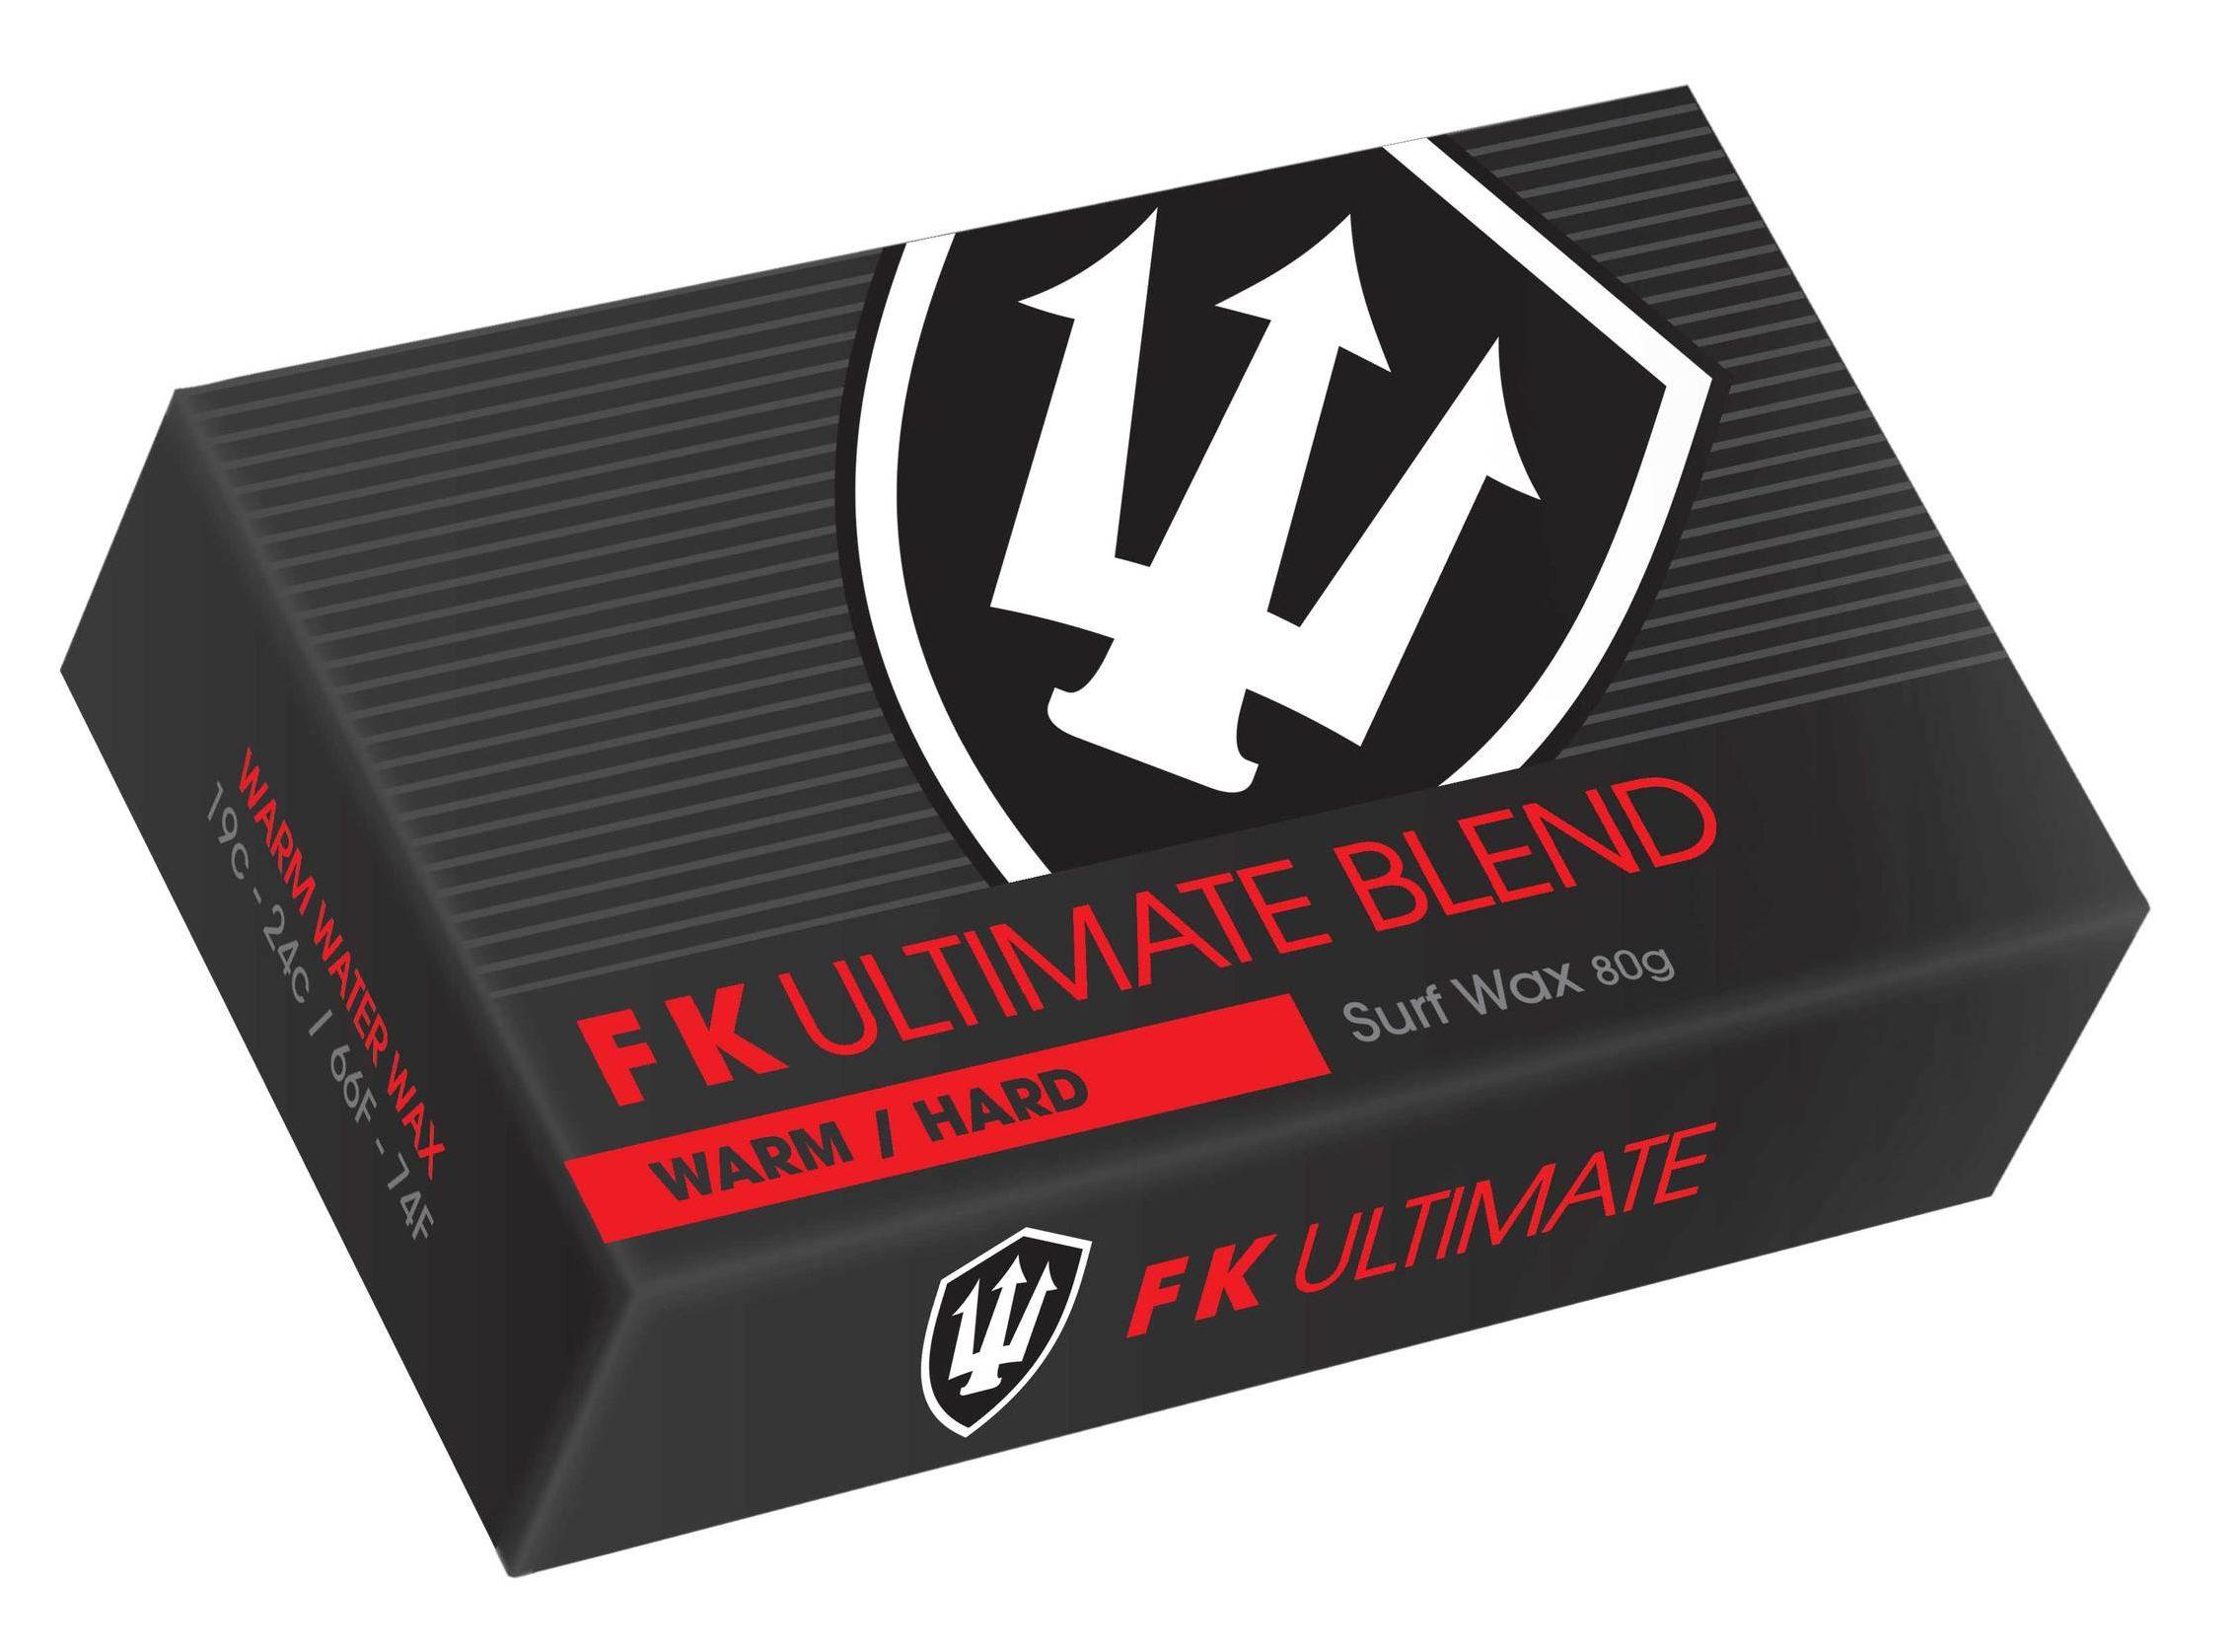 FK Ultimate blend warm wax